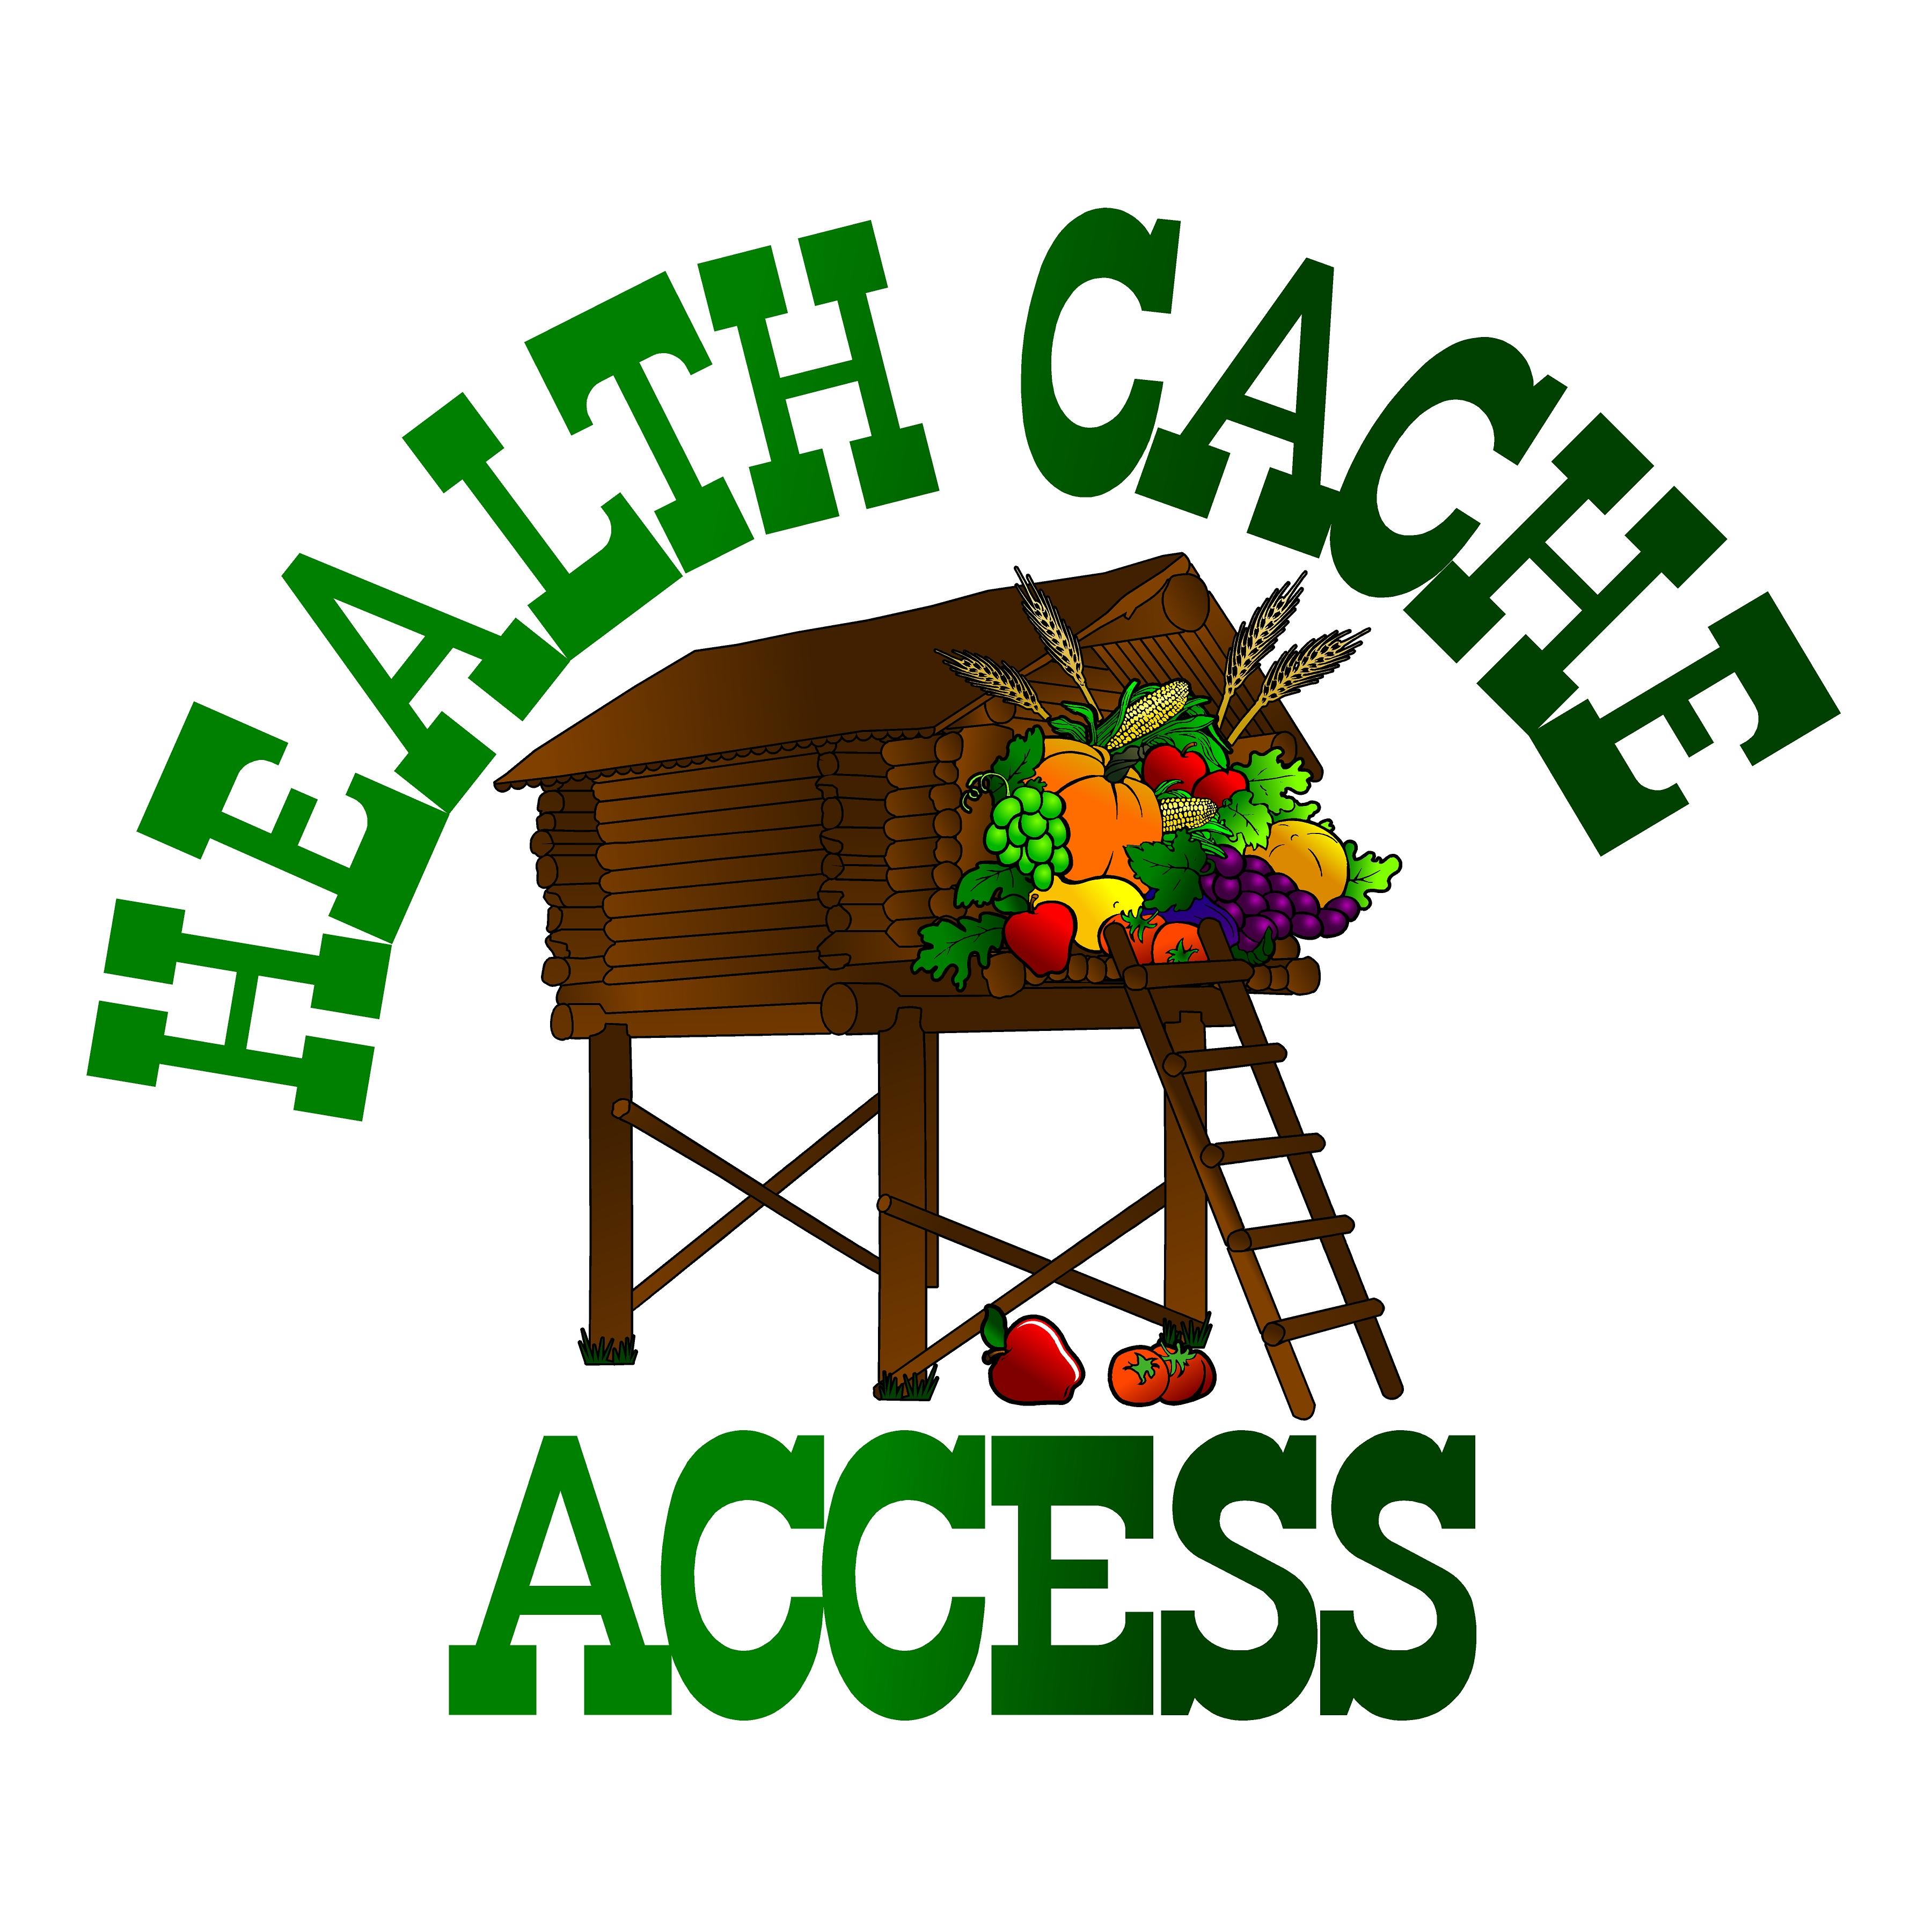 Health Cache Access